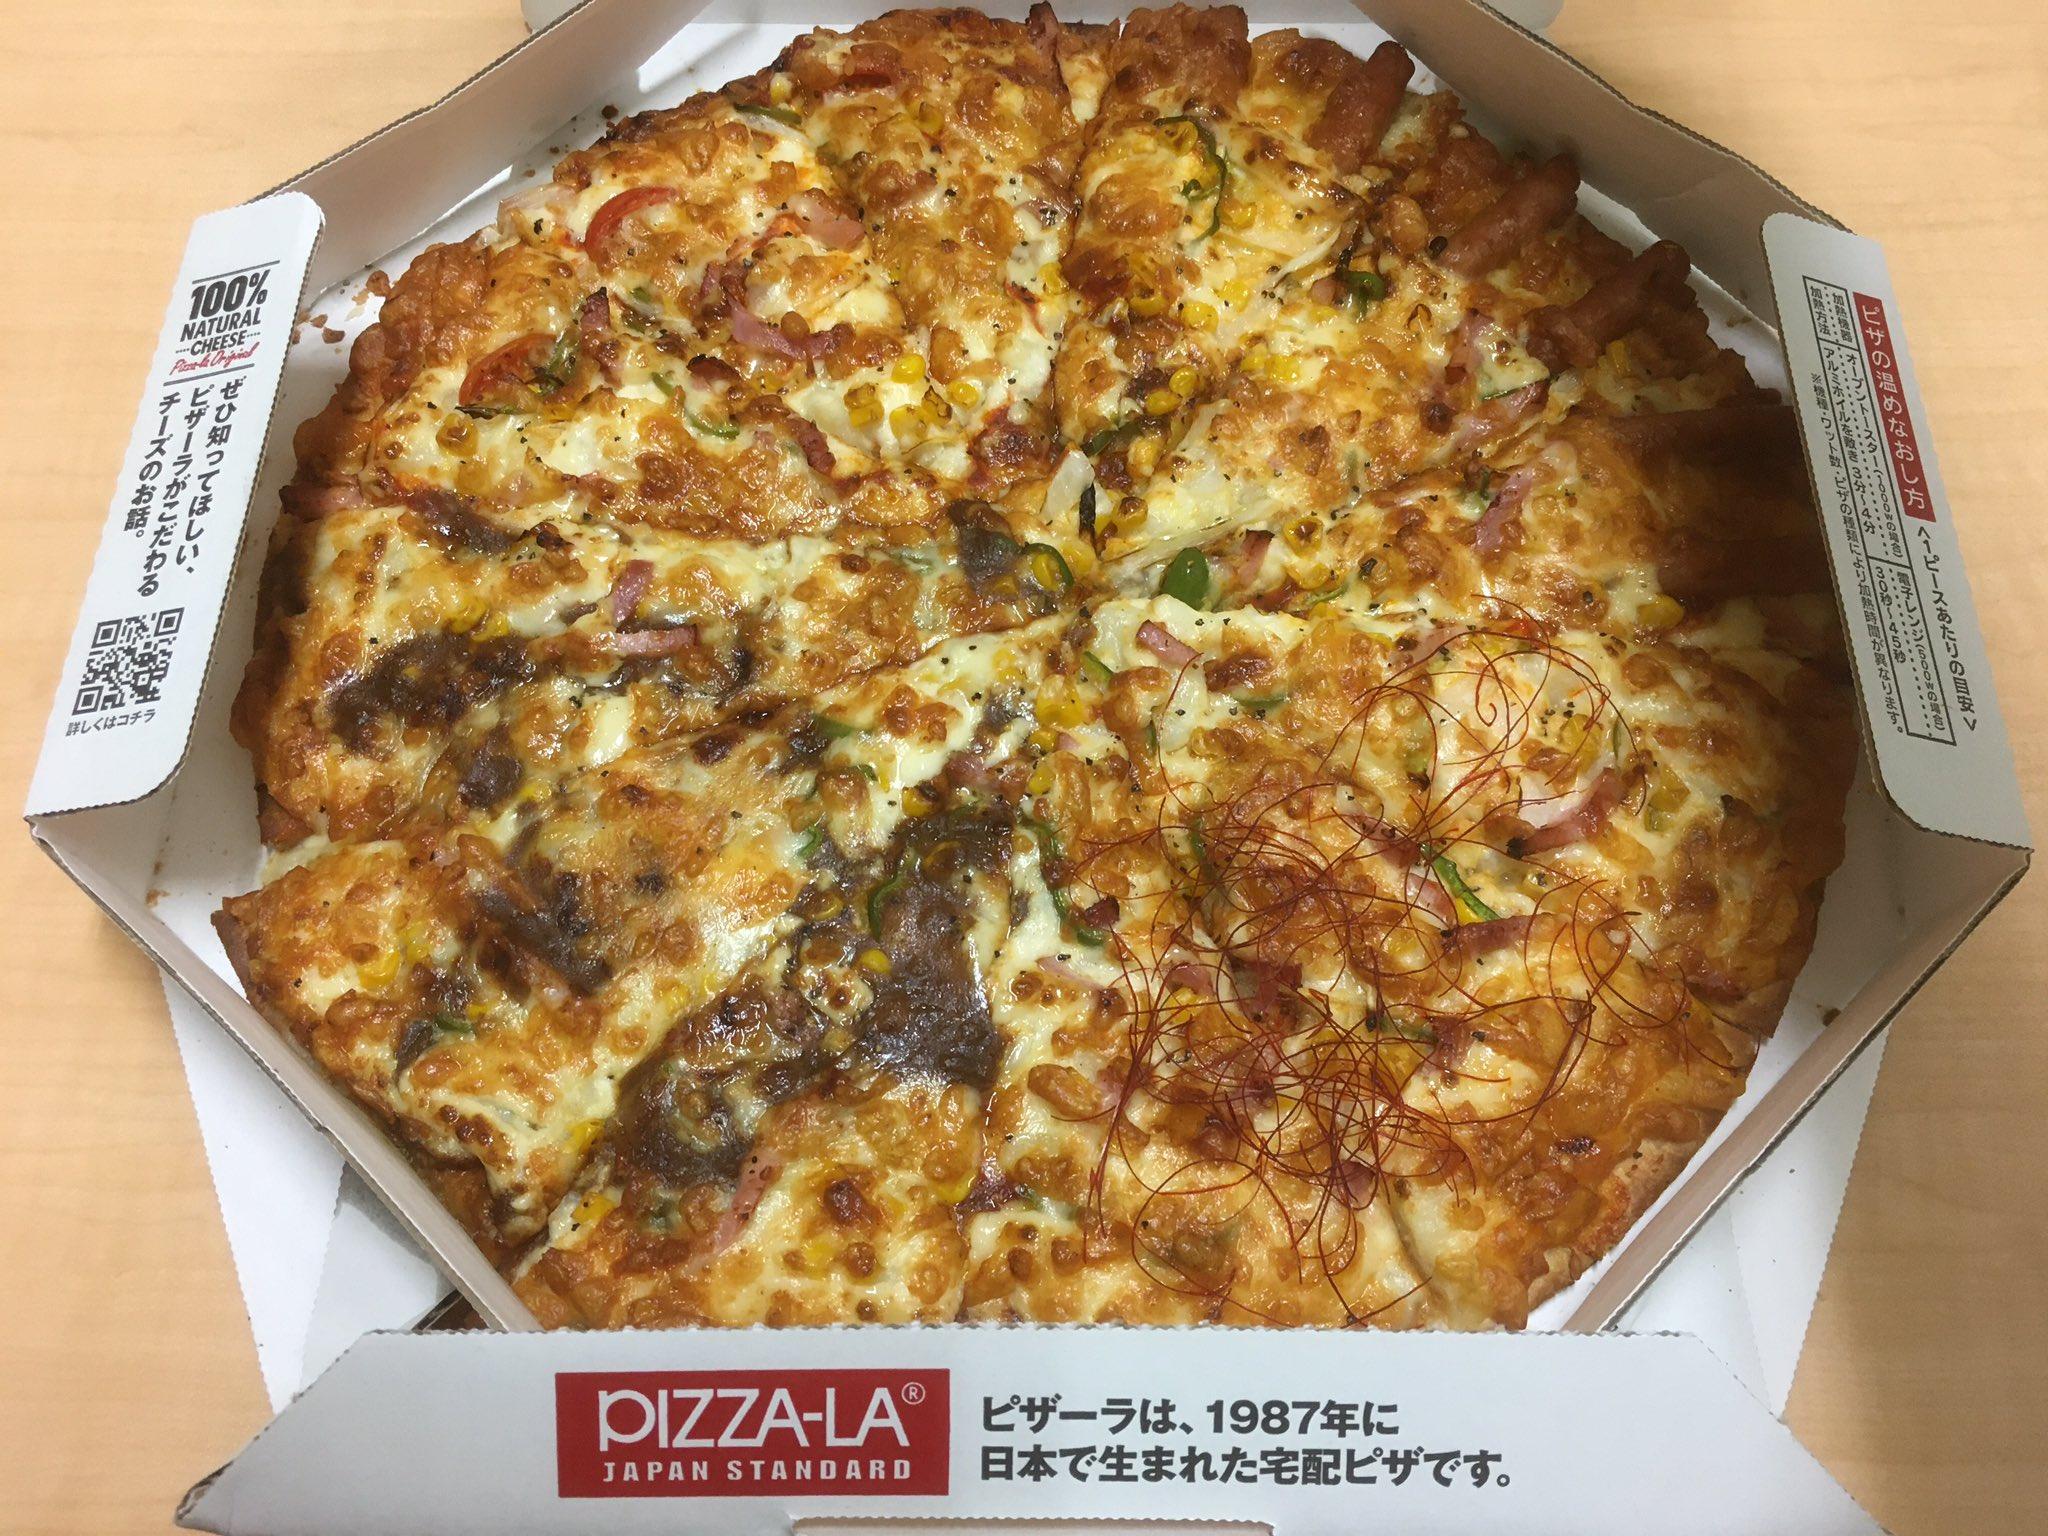 宅配 ピザ 軽減 税率